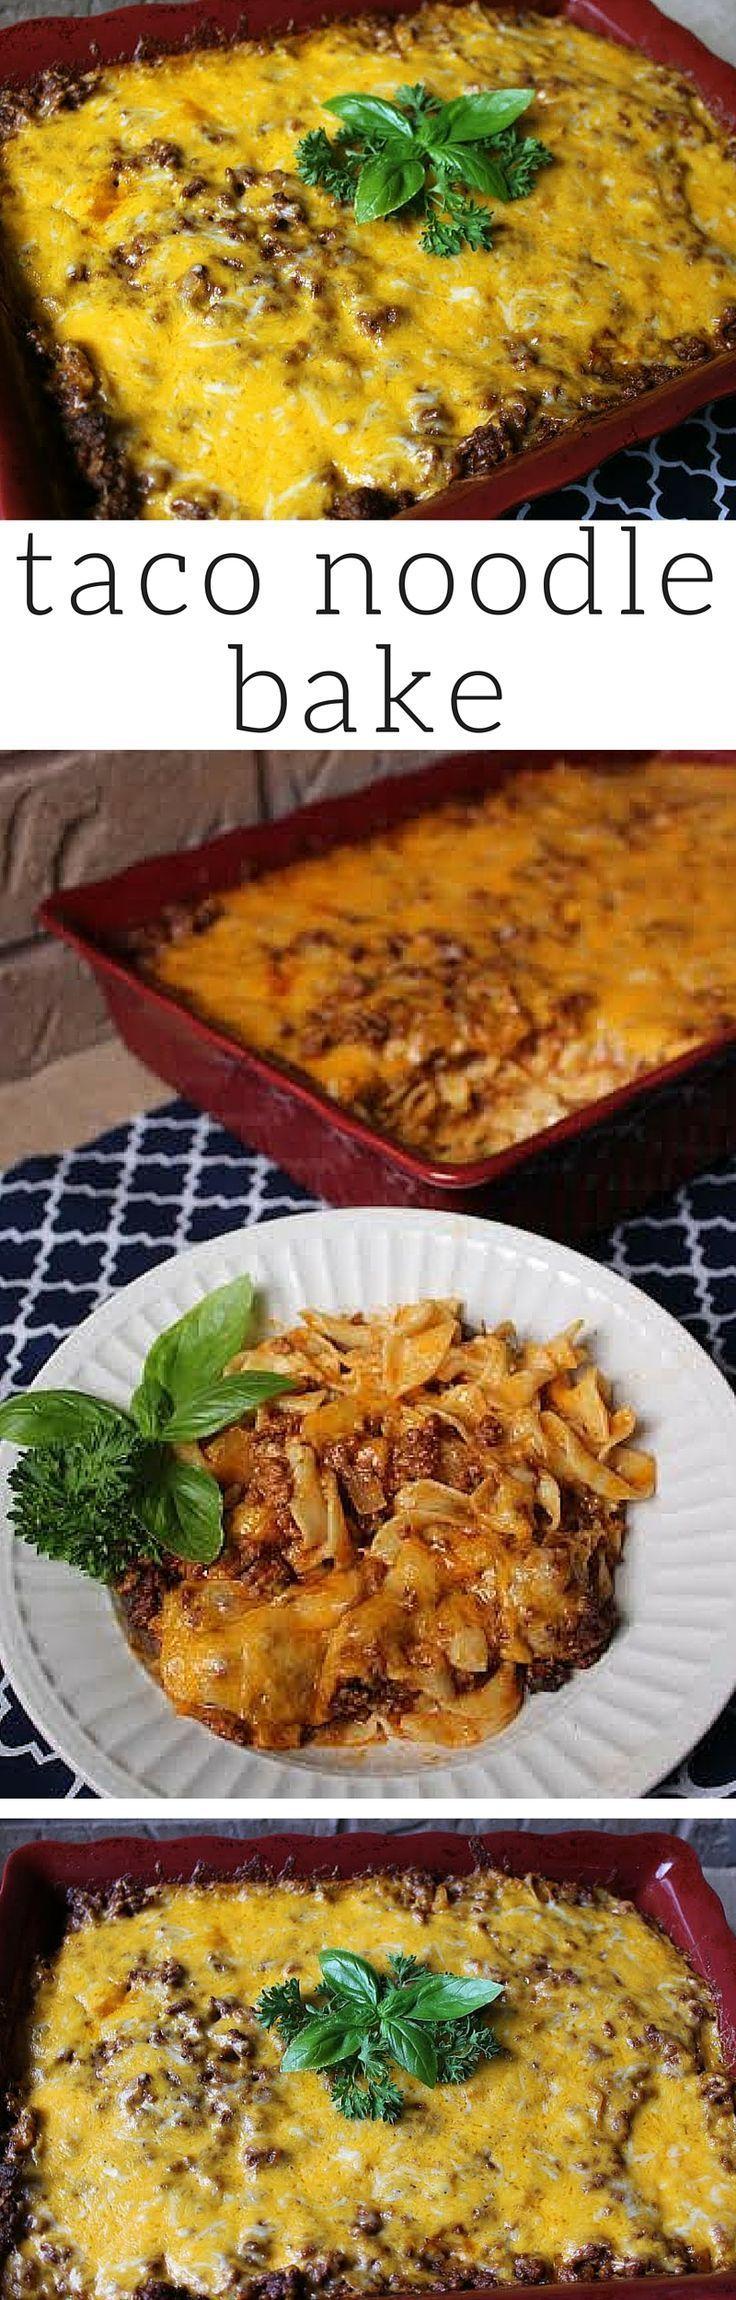 Taco Noodle Bake #easydinner #dinnerrecipe #whatsfordinner #casserole